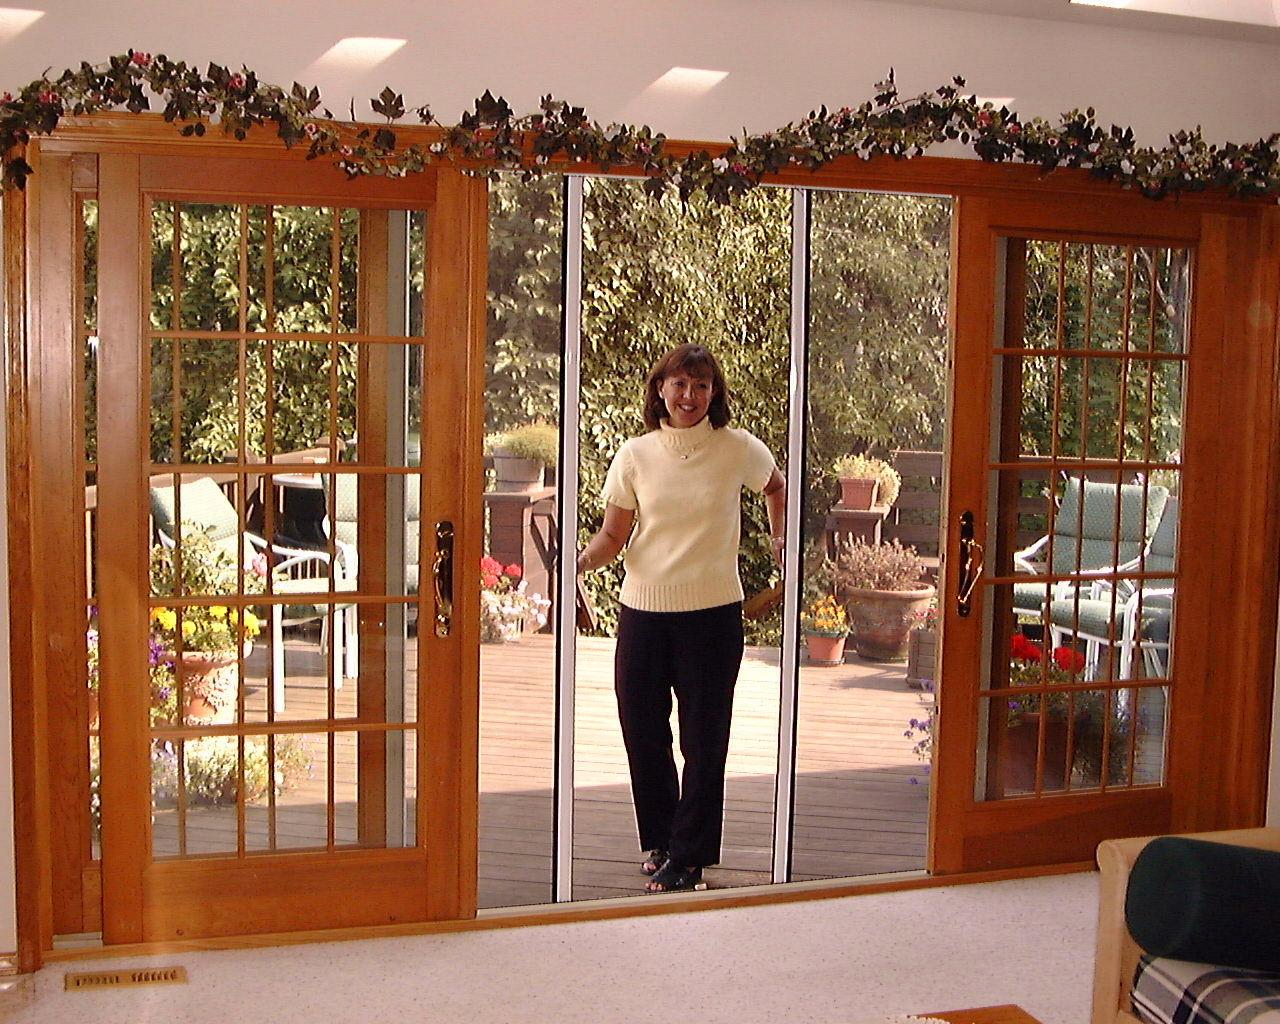 Reel screens cunningham door window for Residential french doors